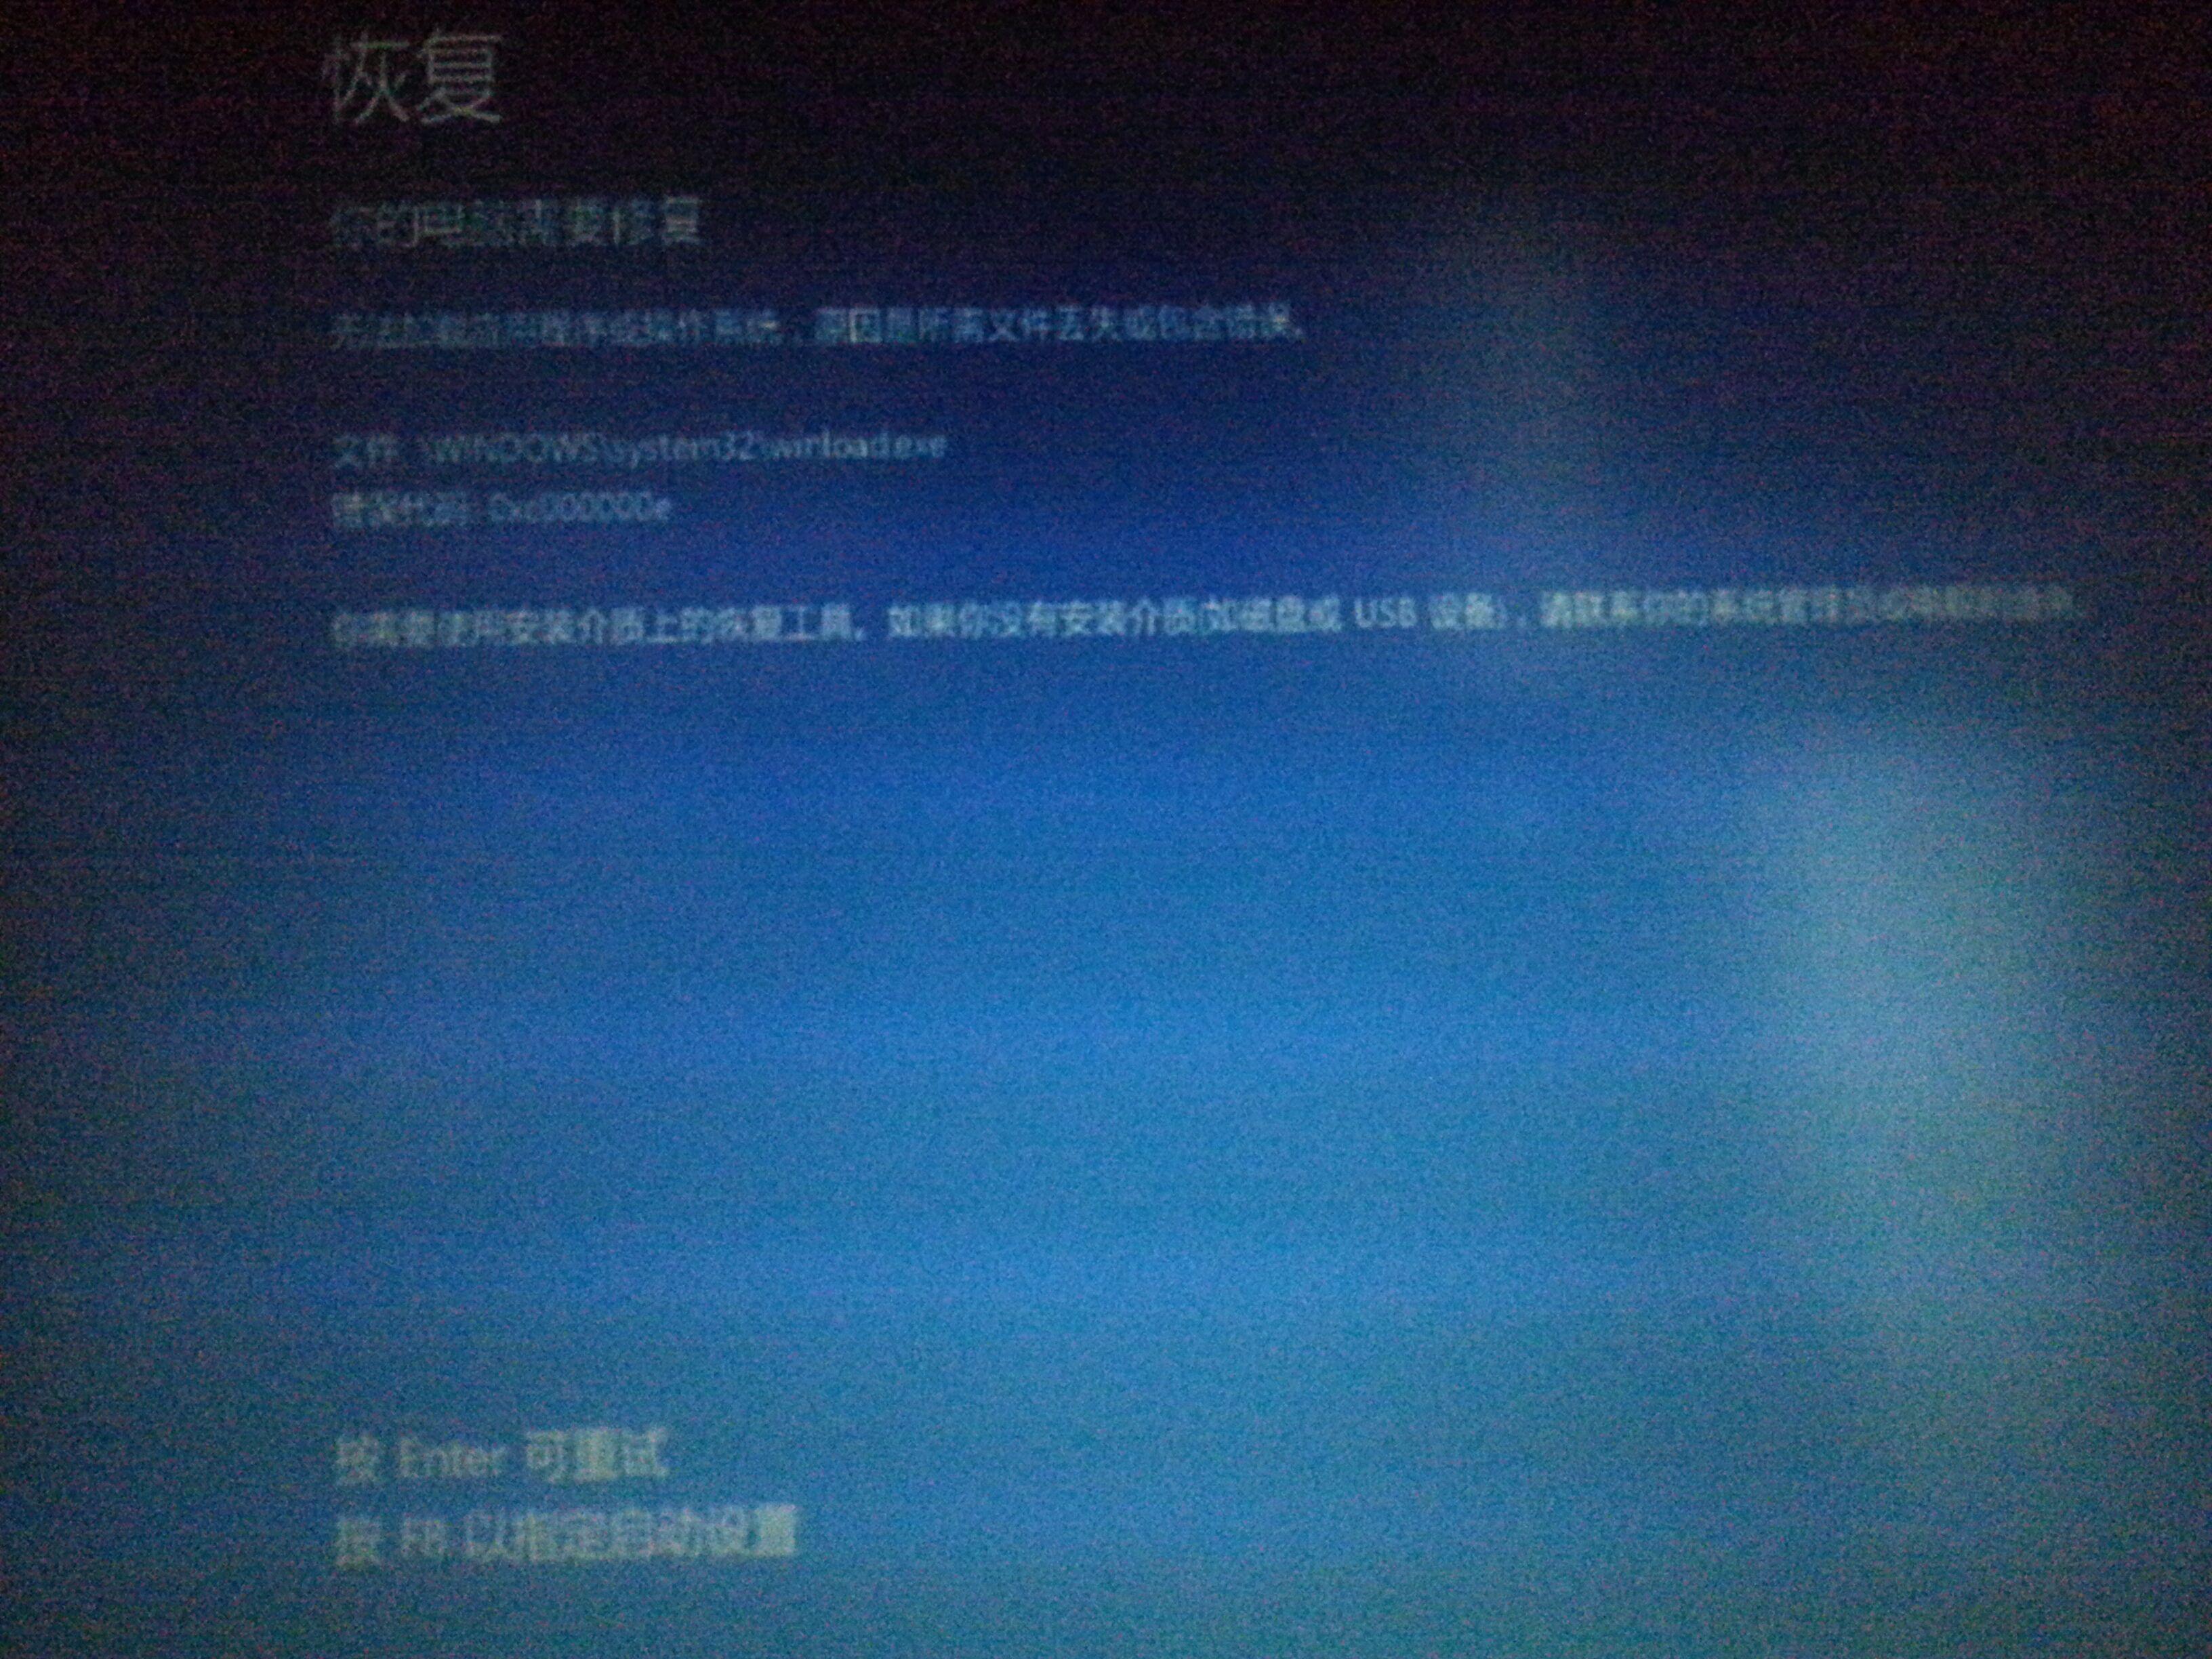 电脑无法正常启动,错误代码是0xc0000001,可进去安全模式,怎么办?